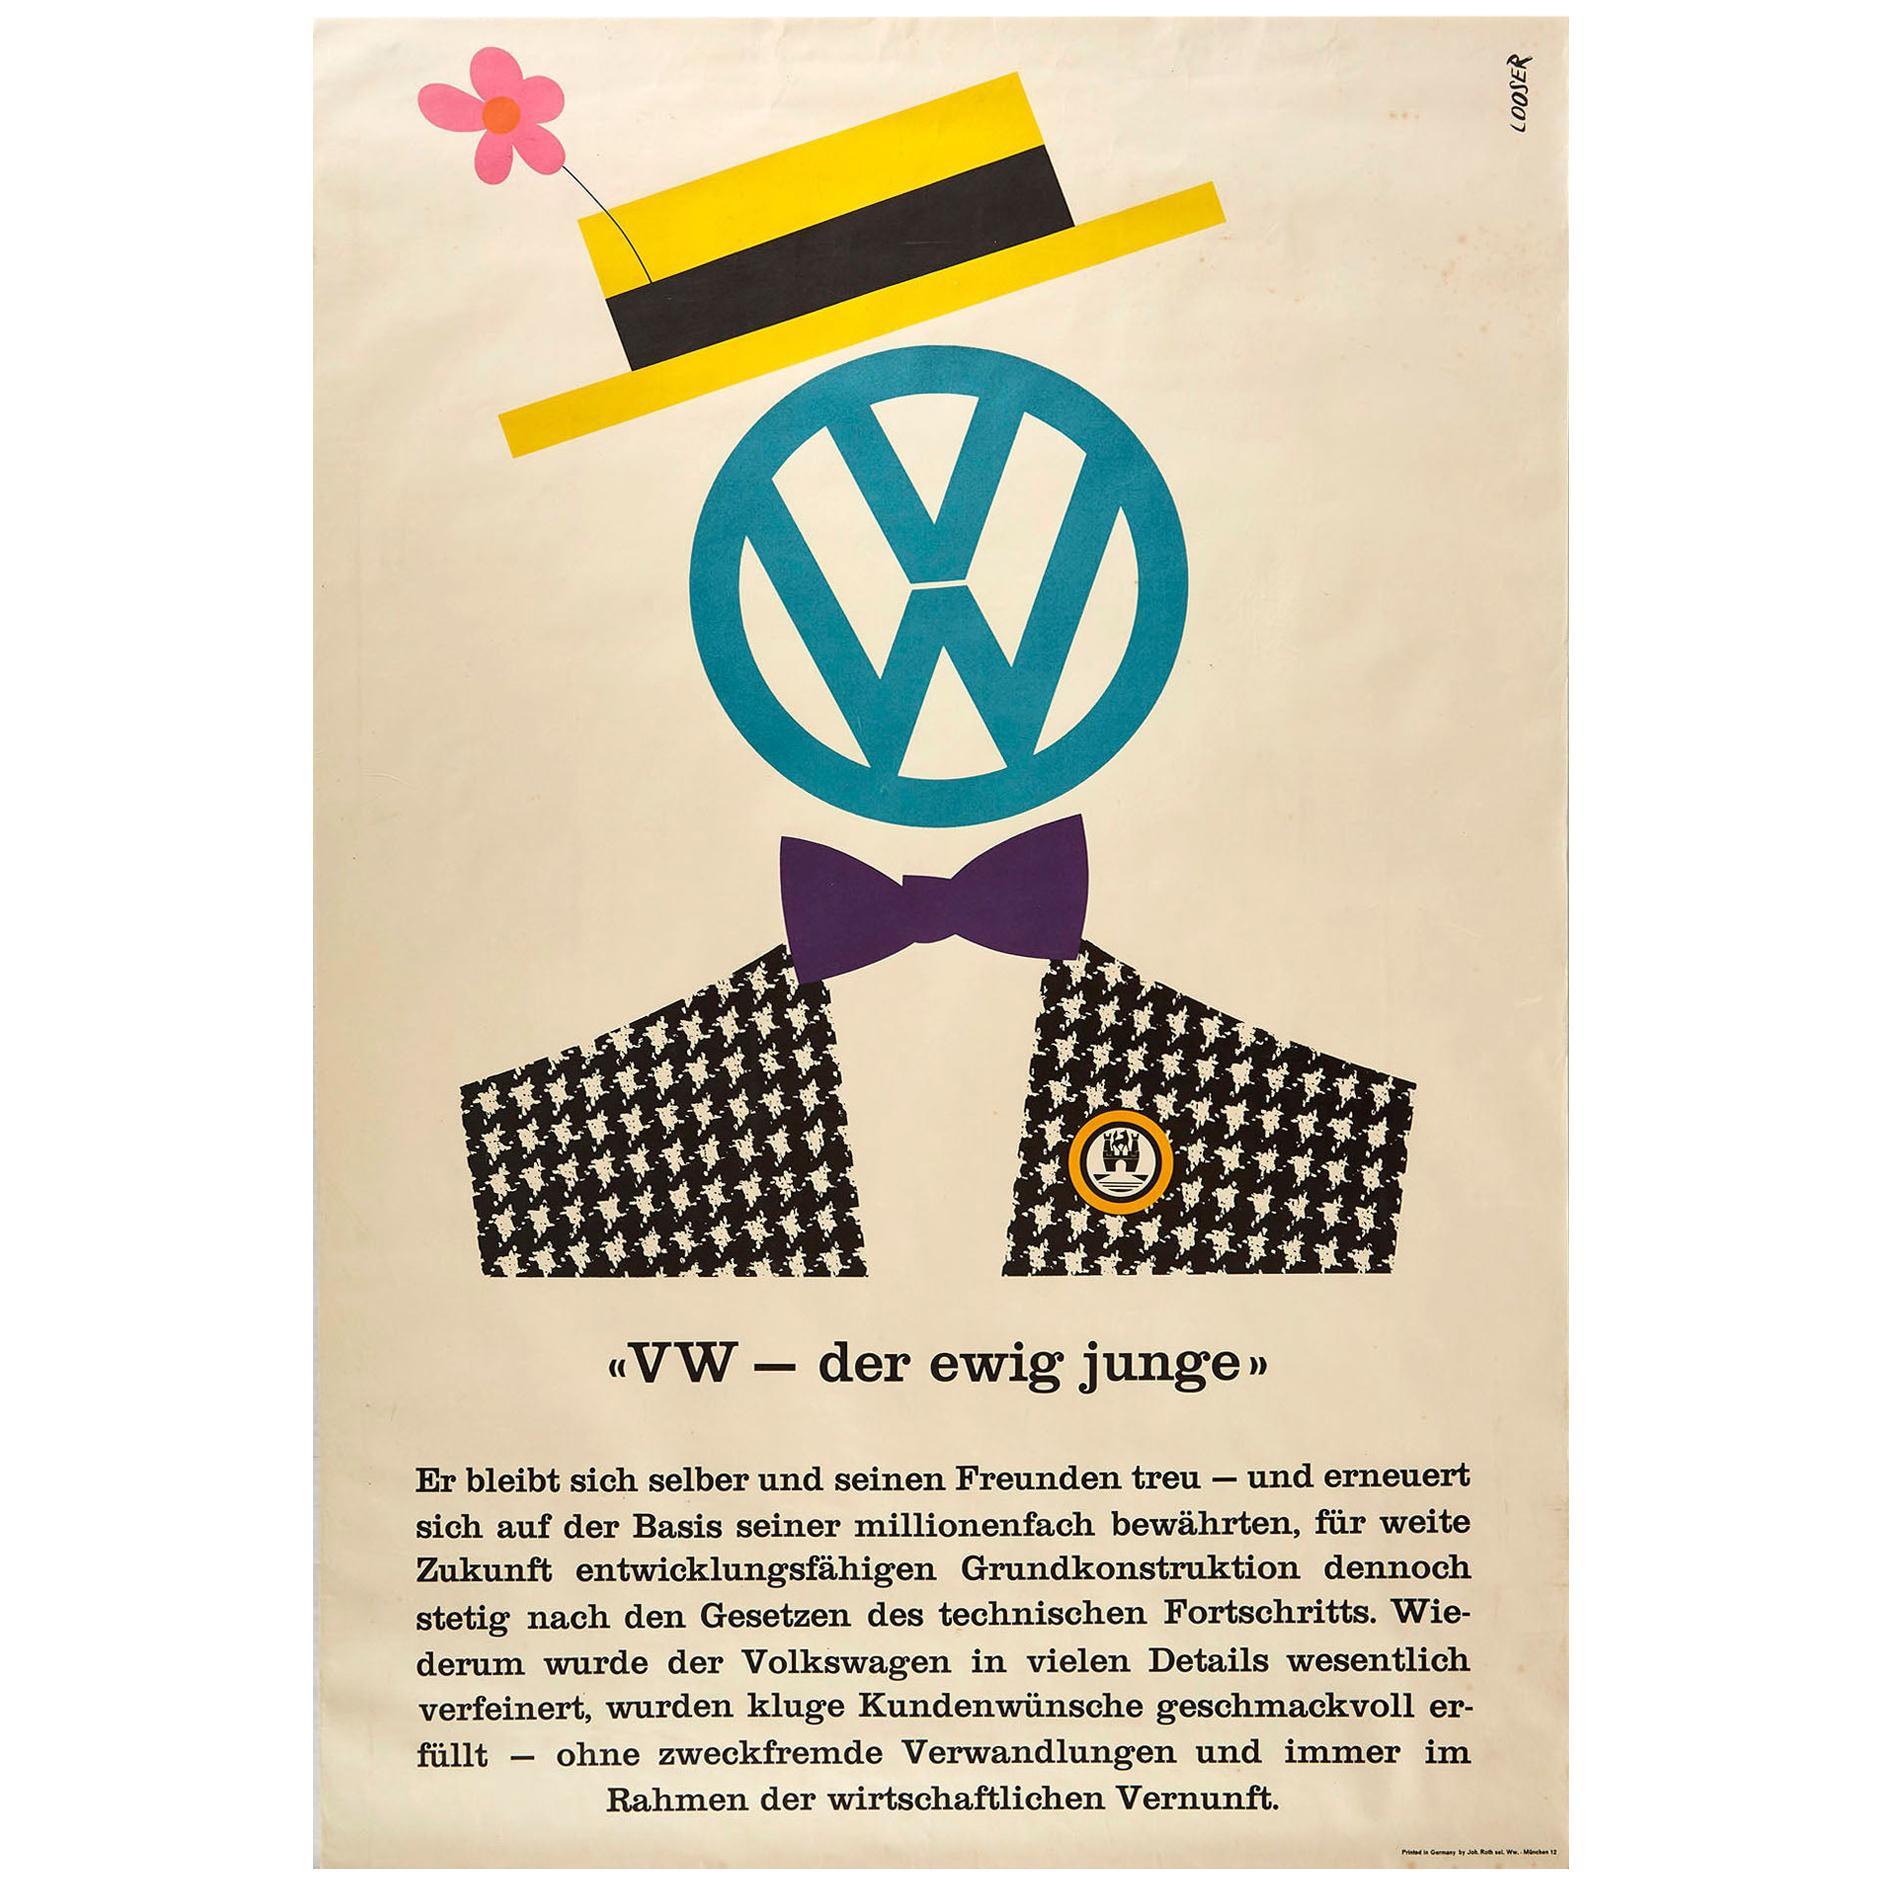 Original Vintage Poster Volkswagen Der Ewig Junge Eternally Young VW Car Design